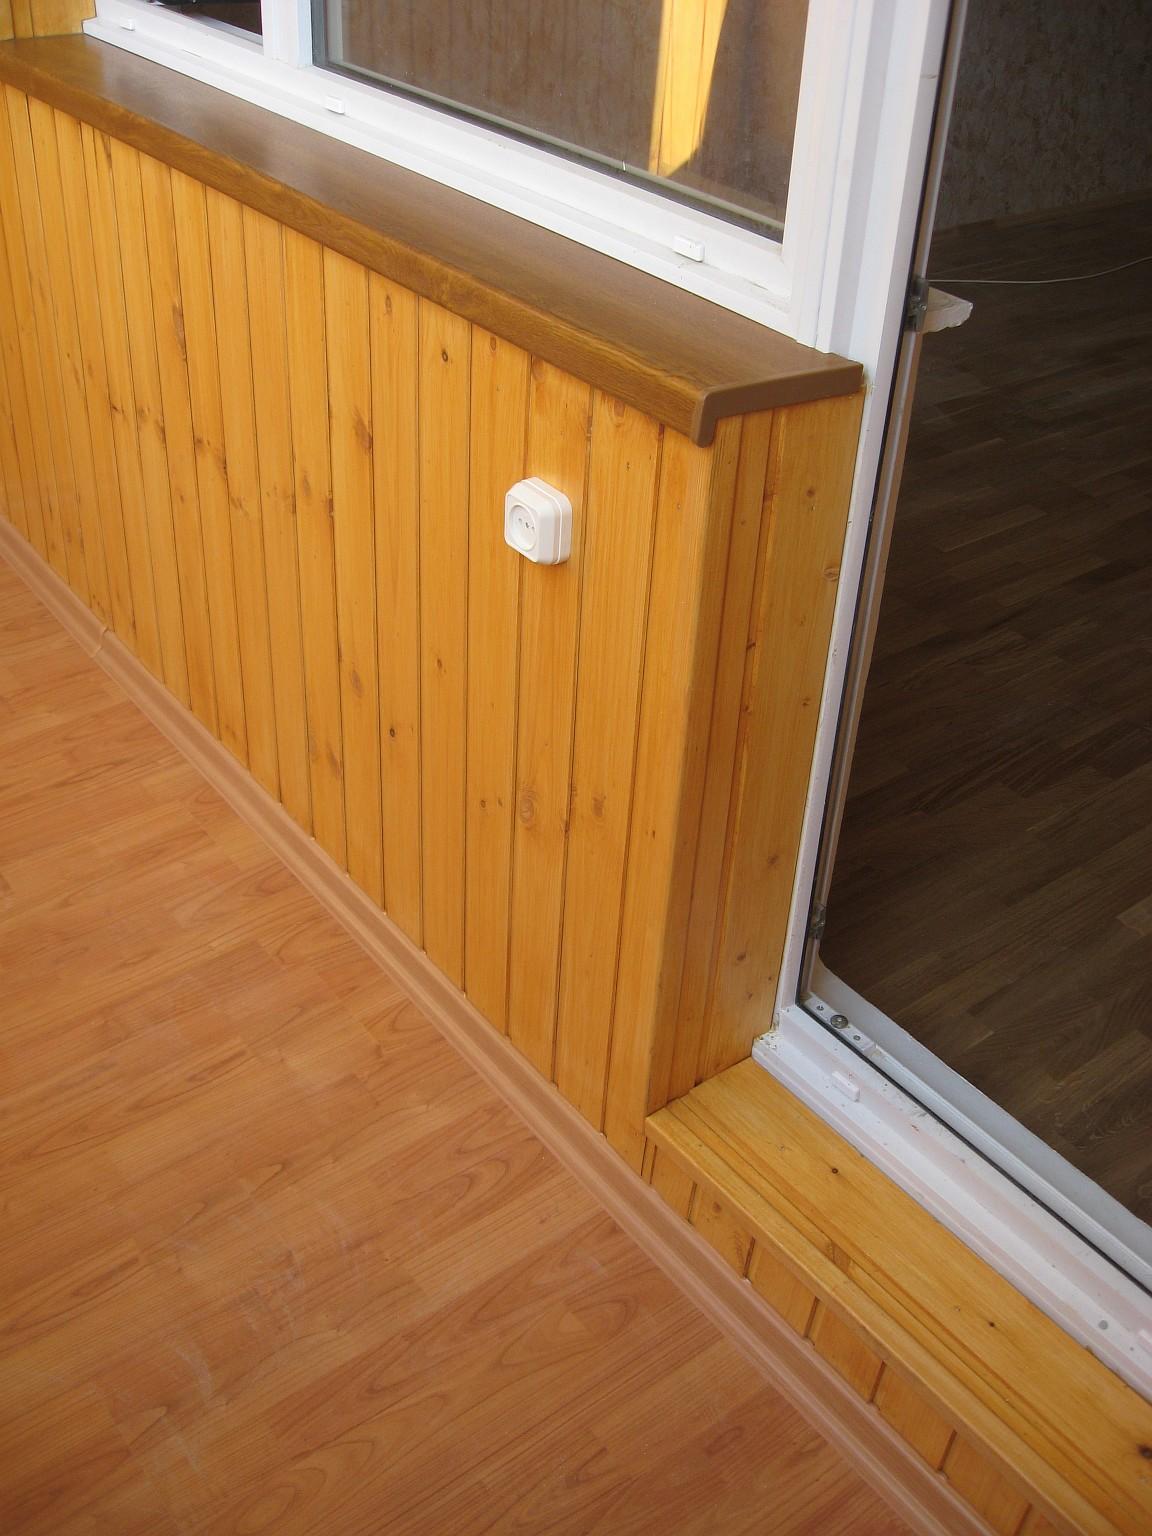 Балкон-лоджия проводка заказать кривой рог цена: продажа, це.